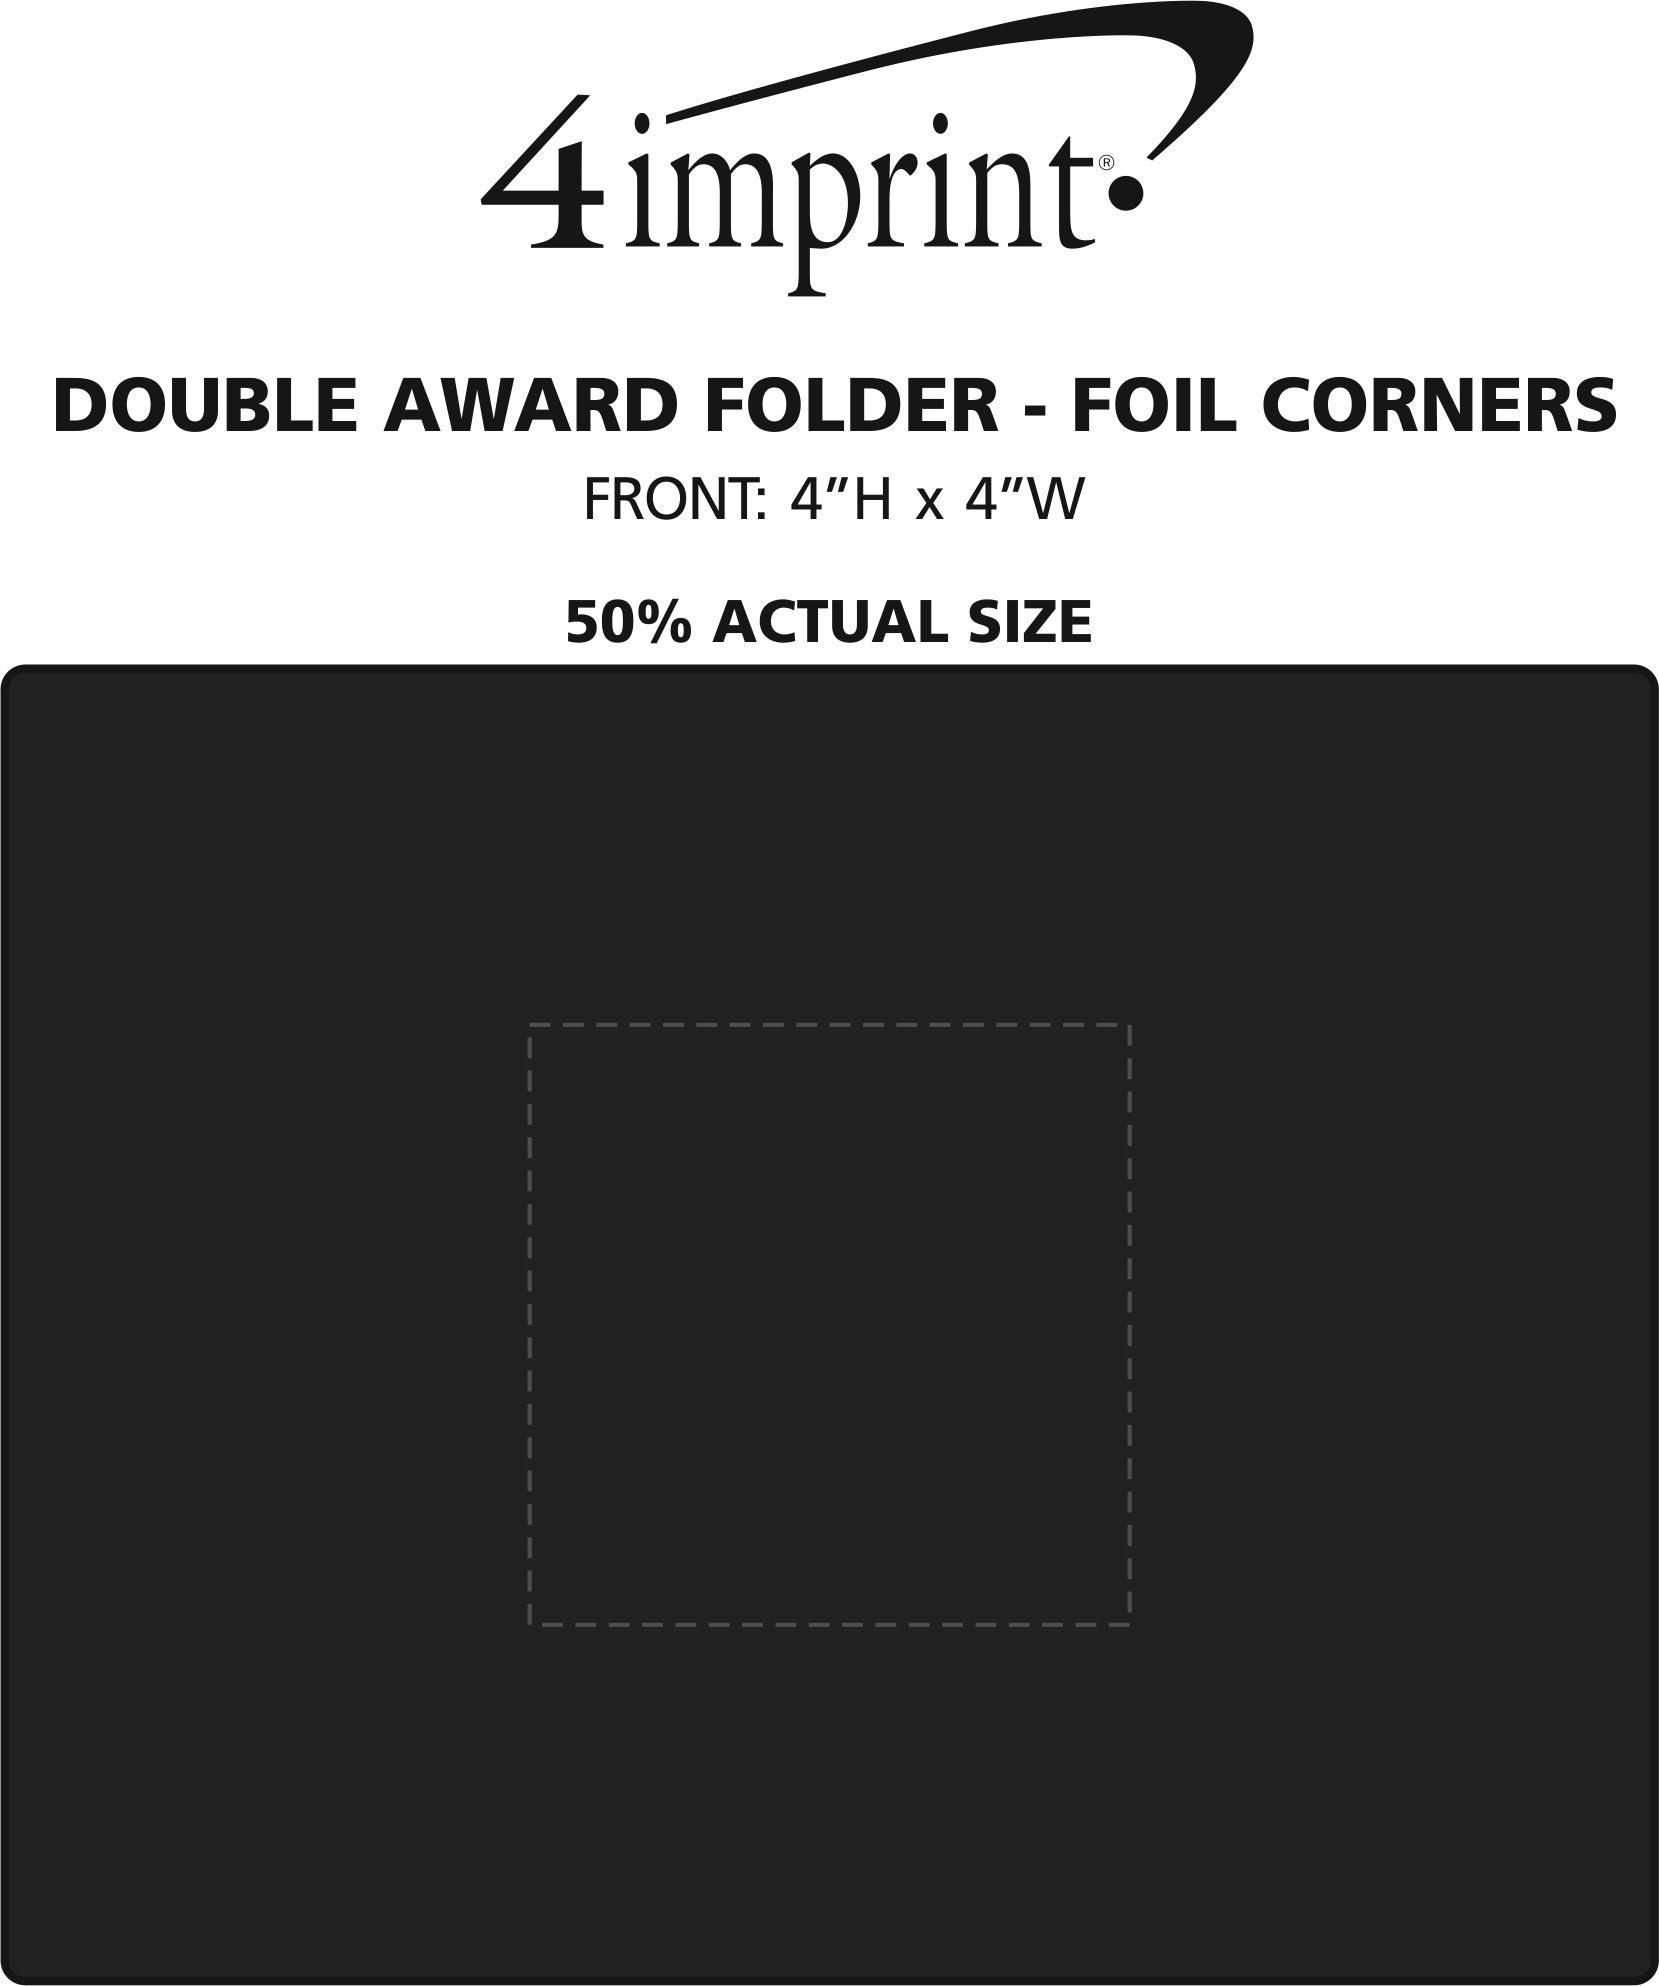 Imprint Area of Double Award Folder - Foil Corners